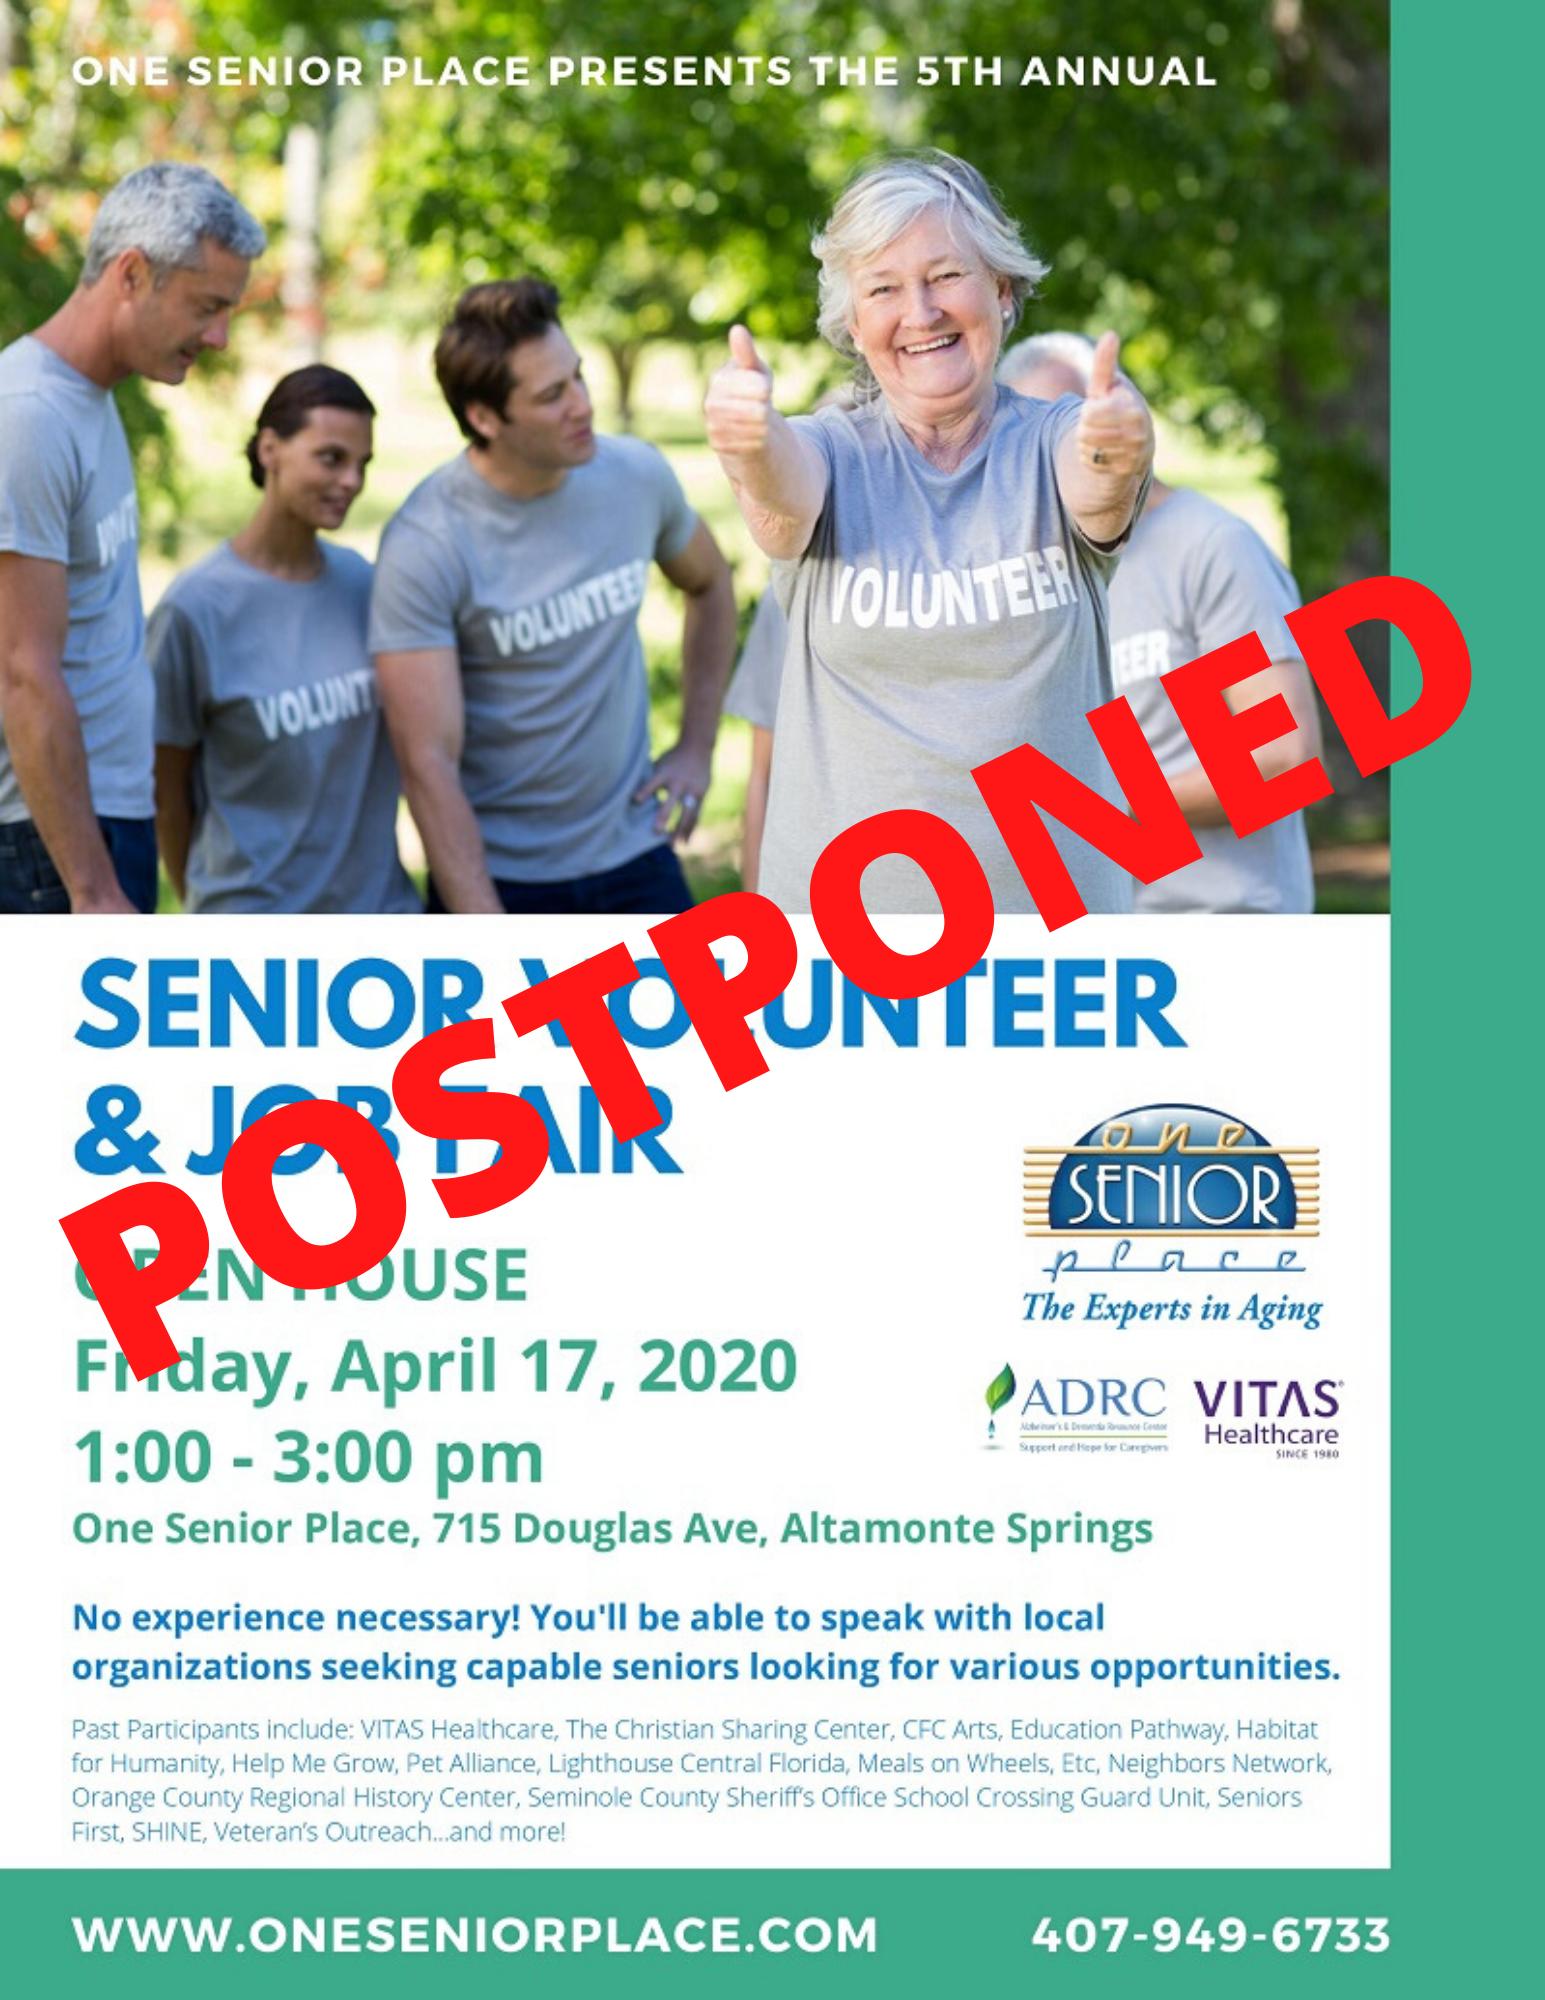 POSTPONED: 5th Annual Senior Volunteer & Job Fair